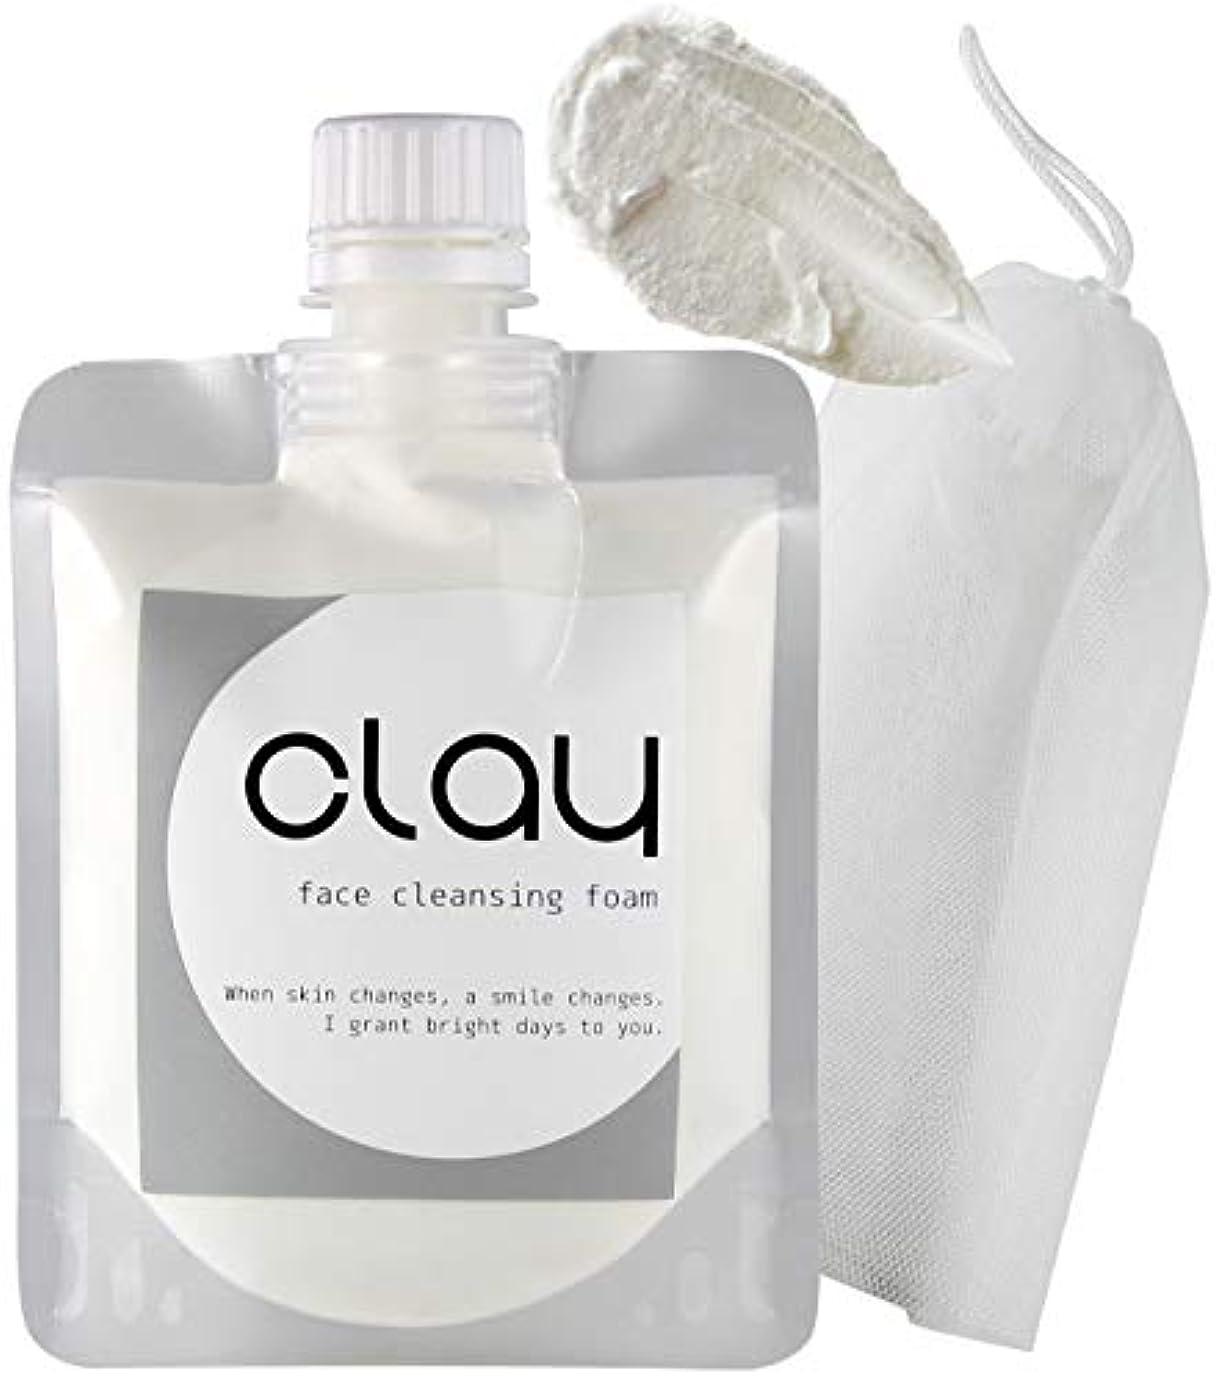 ピラミッド自体代わってSTAR'S クレイ 泥 洗顔 オーガニック 【 毛穴 黒ずみ 開き ザラ付き 用】「 泡 ネット 付き」 40種類の植物エキス 16種類の美容成分 9つの無添加 透明感 柔肌 130g (Clay)